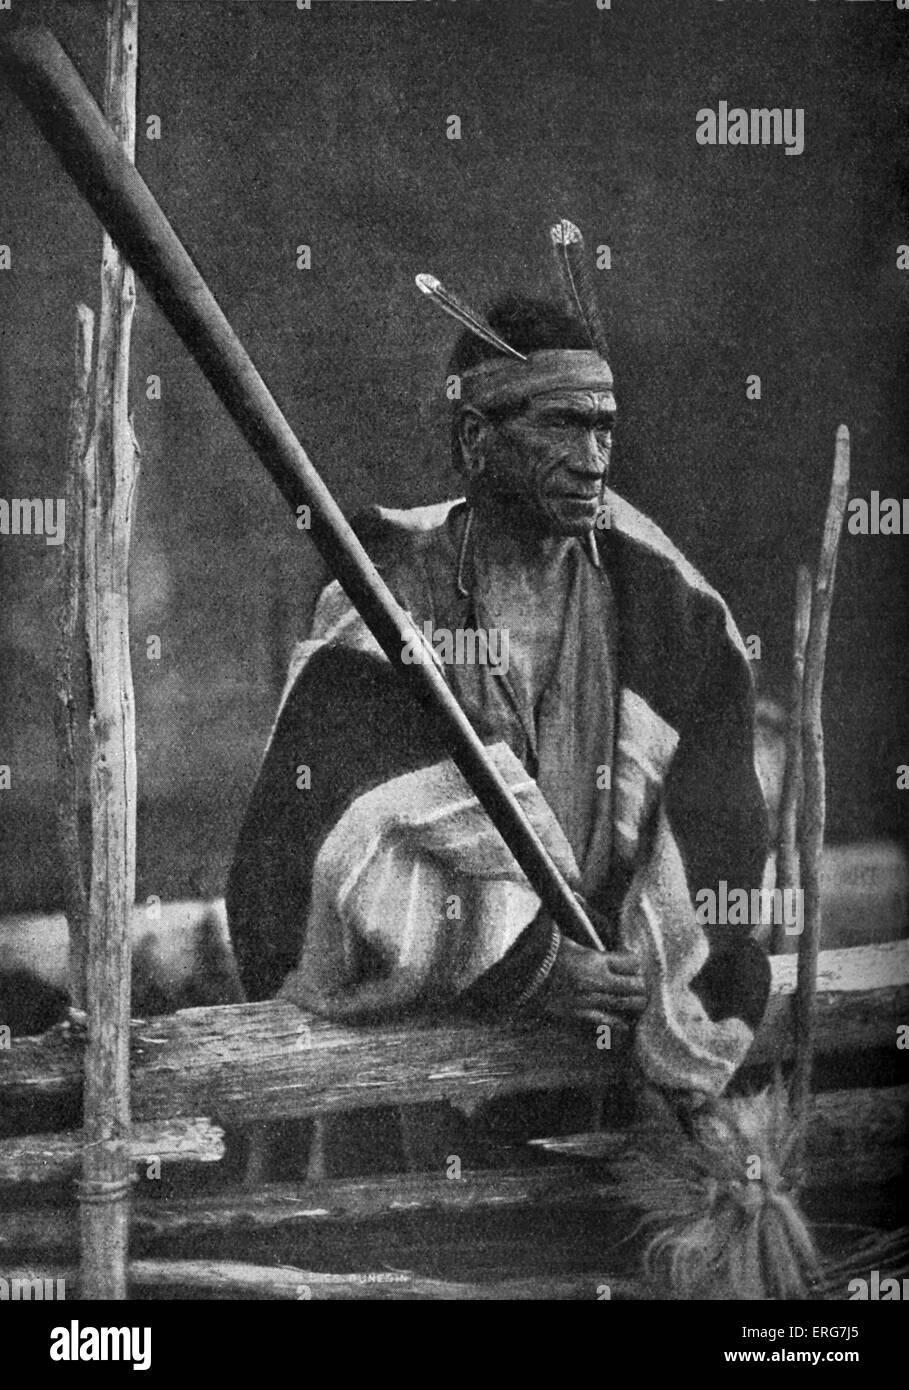 Te Hauhau - Maori Krieger. Polynesischen Ureinwohner von Neuseeland (Aotearoa). Ab Ende der 1920er Jahre. Stockbild